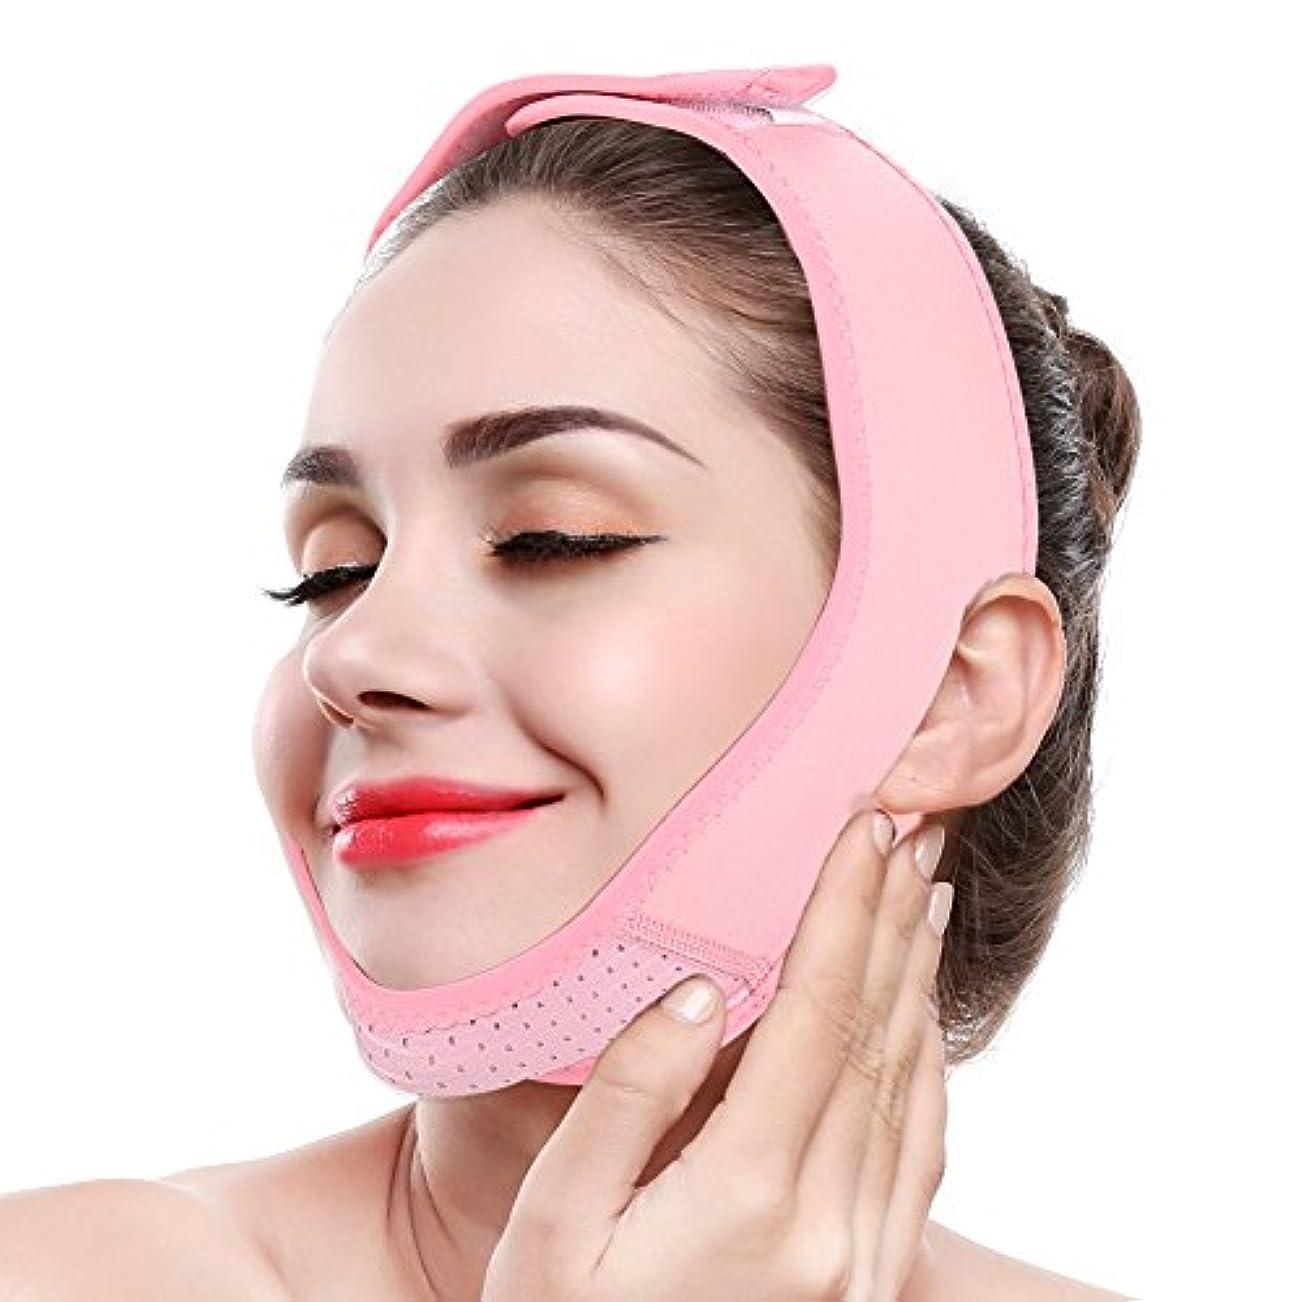 応じる利用可能ランデブーSoarUp フェイスベルト 引き上げマスク フェイスラインベルト 小顔 矯正 マスク 二重あご 美顔器